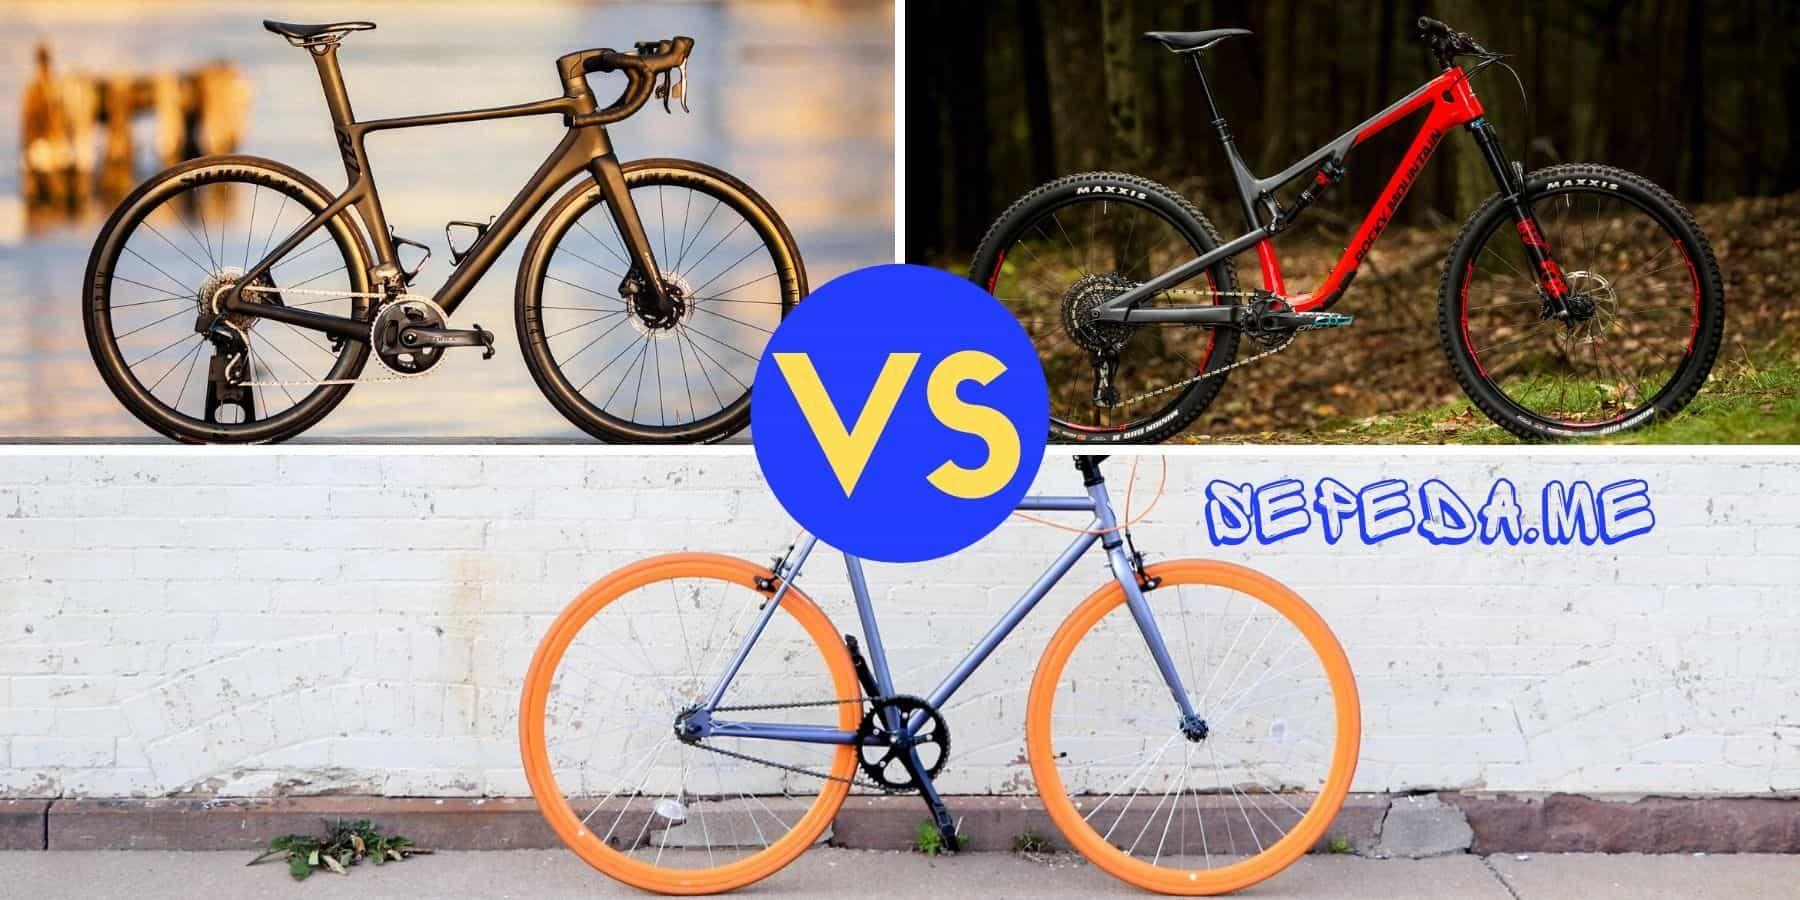 Perbandingan Spesifikasi Dan Harga Sepeda Di 2020 Sepeda Sepeda Bmx Komponen Sepeda